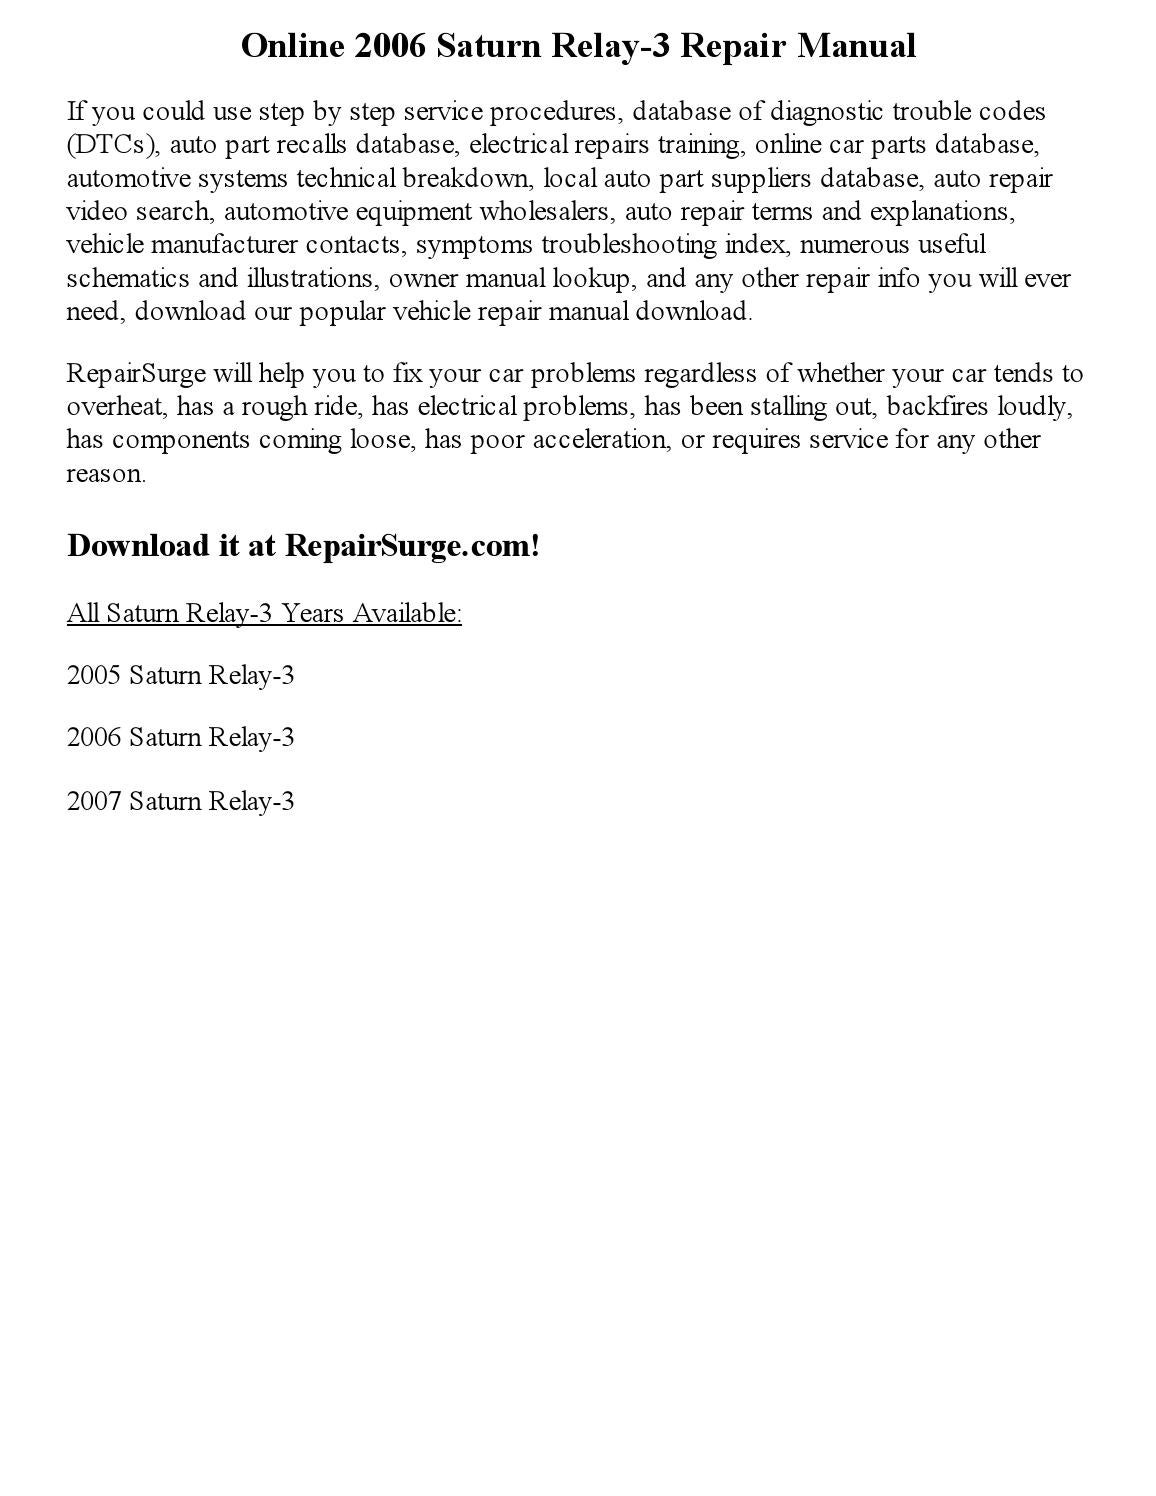 saturn relay repair manual